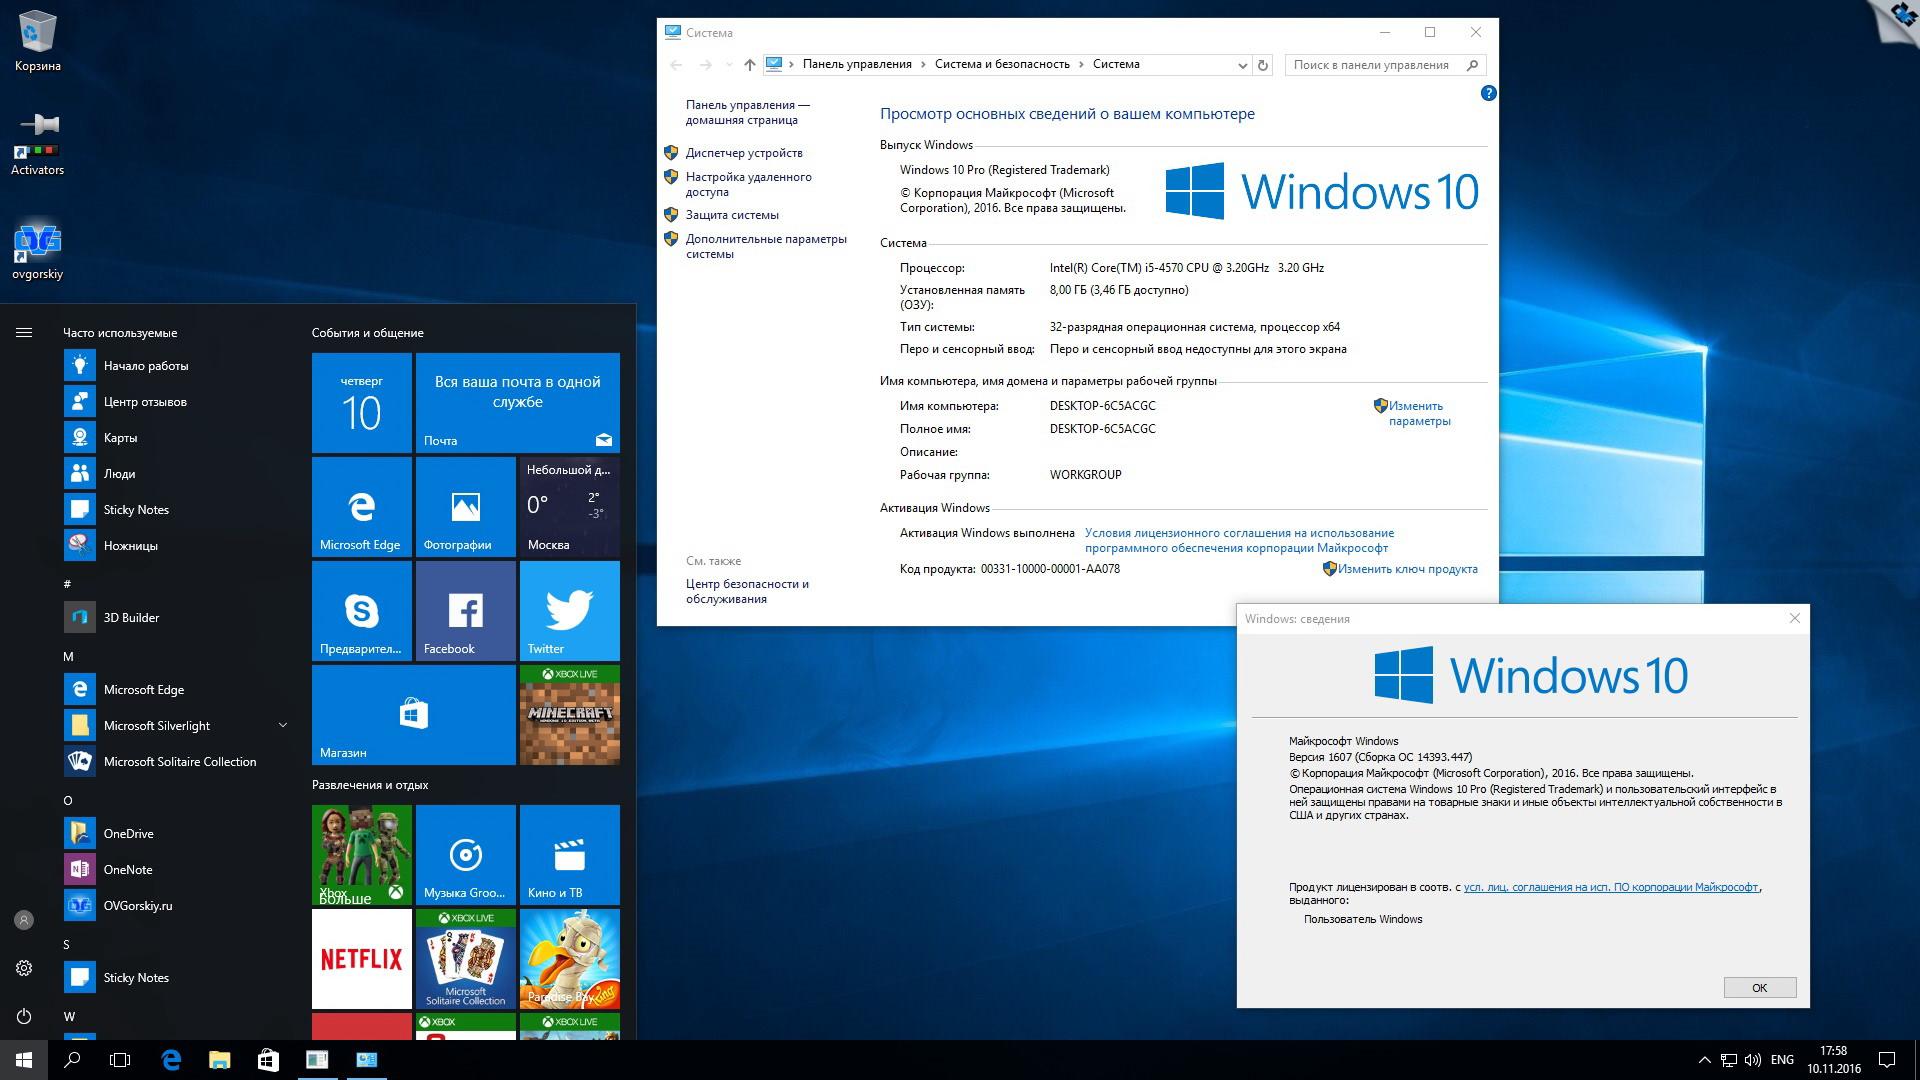 Скачать Установщик Windows 3 1